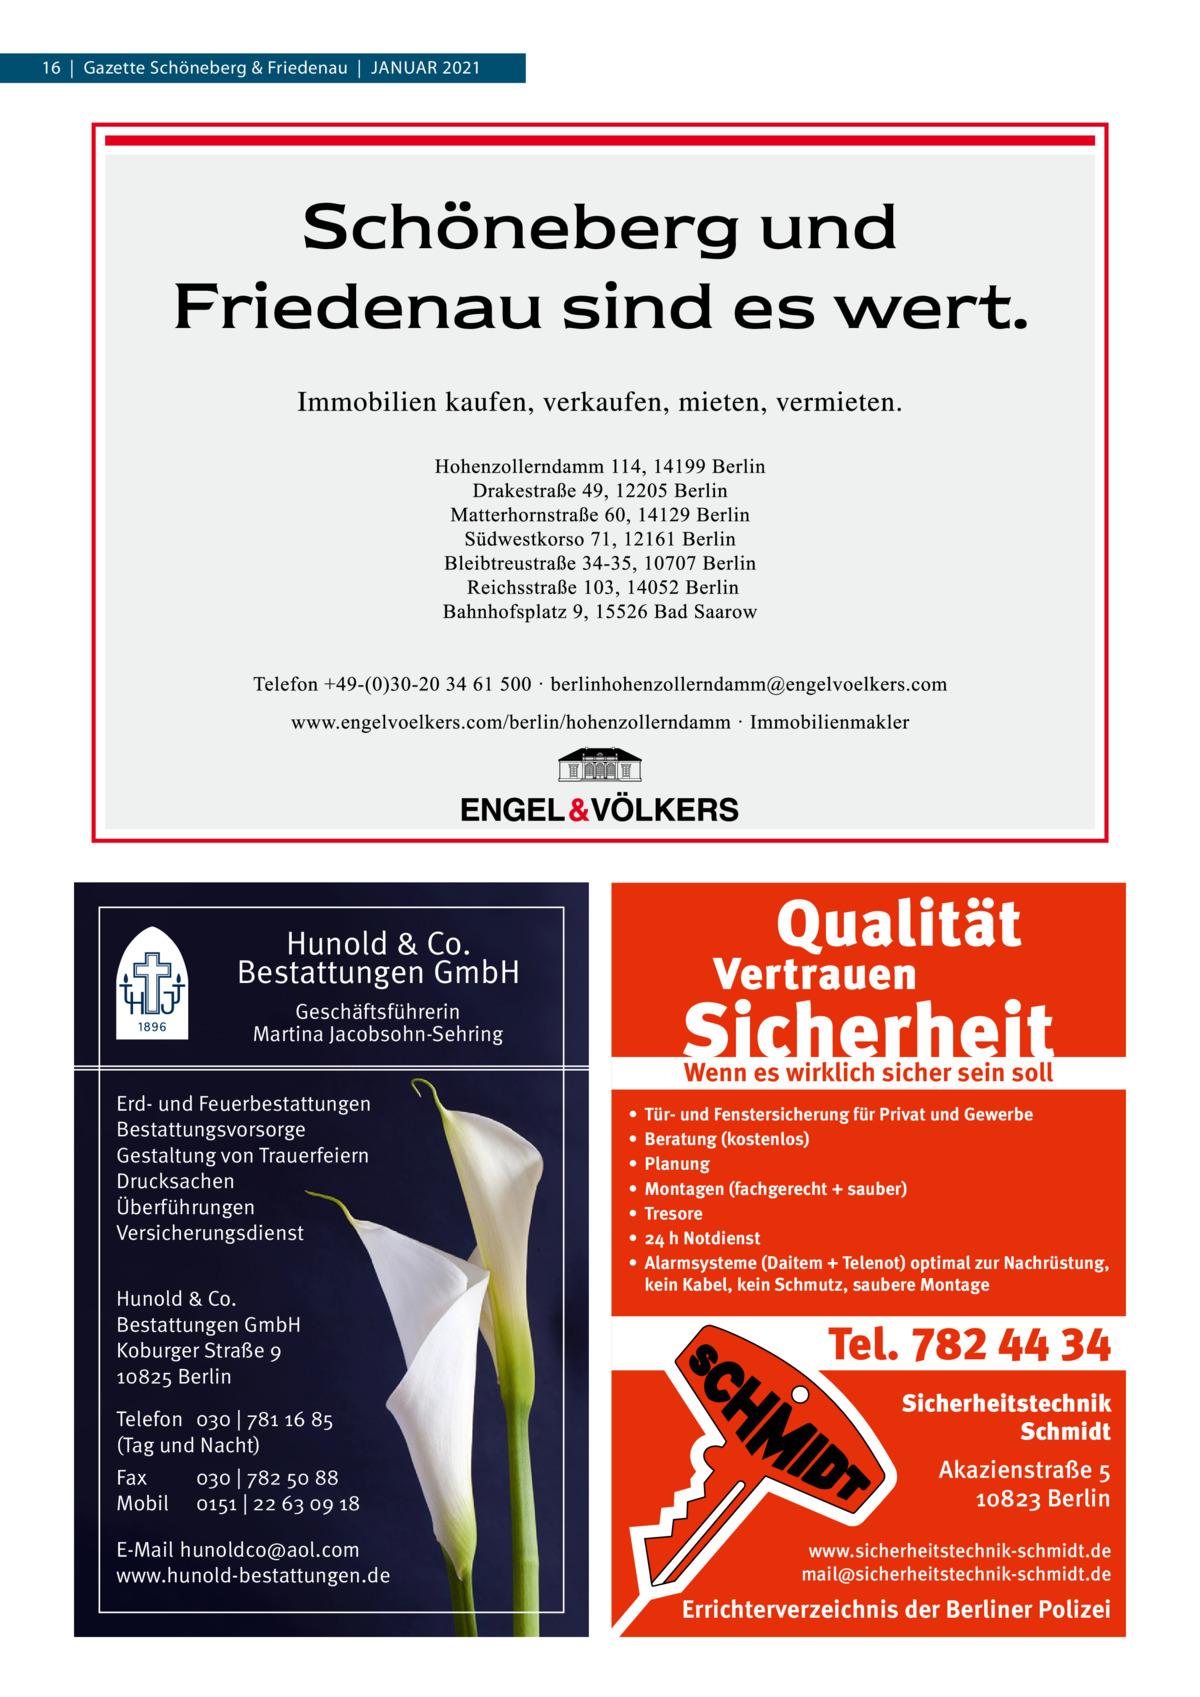 16|Gazette Schöneberg & Friedenau|JANuAR 2021  Hunold & Co. Bestattungen GmbH Geschäftsführerin Martina Jacobsohn-Sehring Erd- und Feuerbestattungen Bestattungsvorsorge Gestaltung von Trauerfeiern Drucksachen Überführungen Versicherungsdienst Hunold & Co. Bestattungen GmbH Koburger Straße 9 10825 Berlin Telefon 030 | 781 16 85 (Tag und Nacht) Fax Mobil  030 | 782 50 88 0151 | 22 63 09 18  E-Mail hunoldco@aol.com www.hunold-bestattungen.de  Wenn es wirklich sicher sein soll • • • • • • •  Tür- und Fenstersicherung für Privat und Gewerbe Beratung (kostenlos) Planung Montagen (fachgerecht + sauber) Tresore 24 h Notdienst Alarmsysteme (Daitem + Telenot) optimal zur Nachrüstung, kein Kabel, kein Schmutz, saubere Montage  Tel. 782 44 34 Sicherheitstechnik Schmidt Akazienstraße 5 10823 Berlin www.sicherheitstechnik-schmidt.de mail@sicherheitstechnik-schmidt.de  Errichterverzeichnis der Berliner Polizei